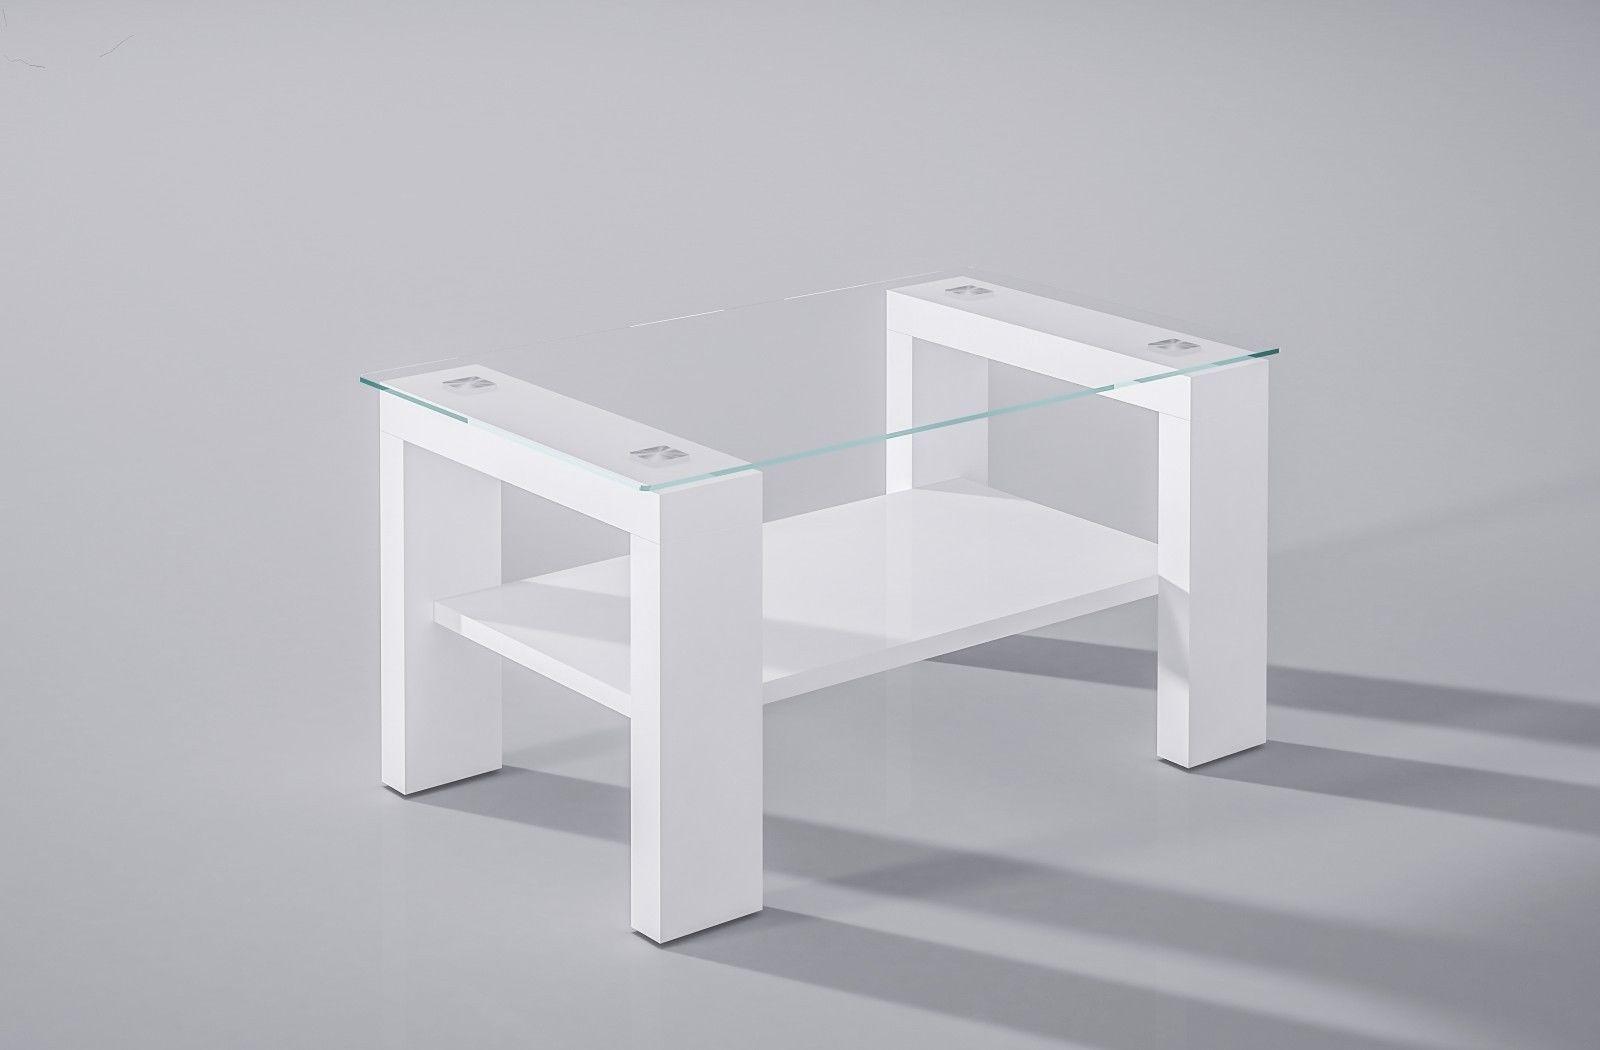 Hochwertiger Couchtisch Hochglanz Weiß Glas Sofatisch Modern Design